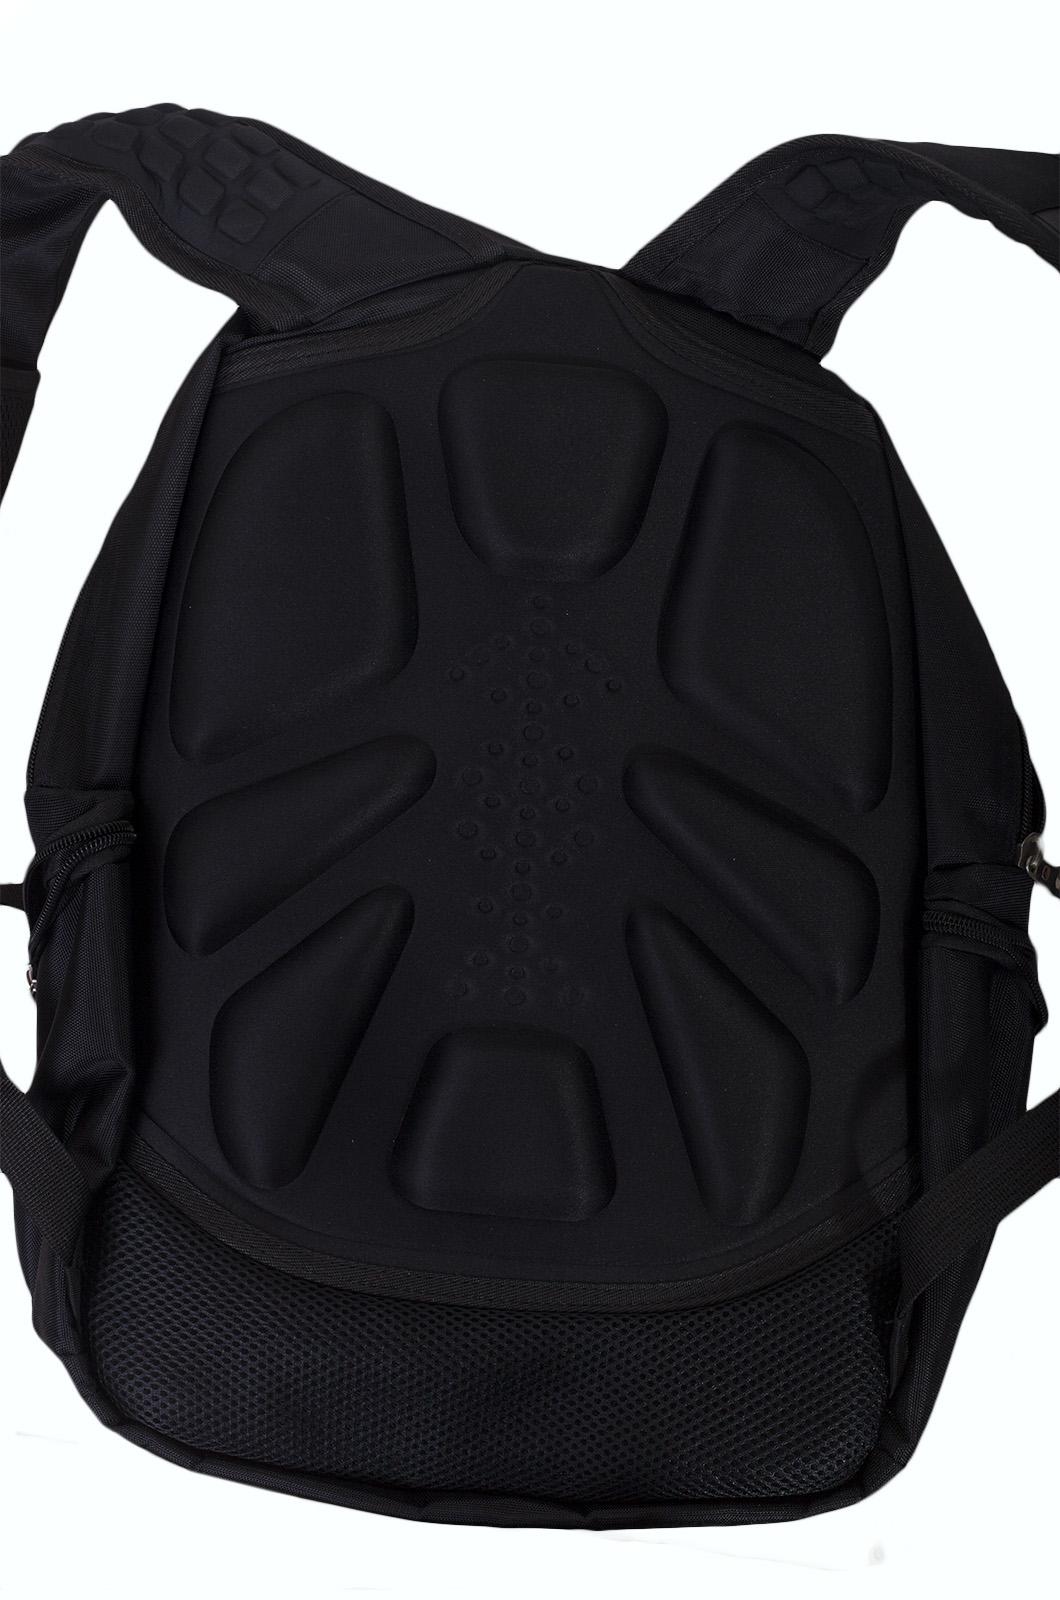 Черный рюкзак с эмблемой Танковых войск купить в подарок